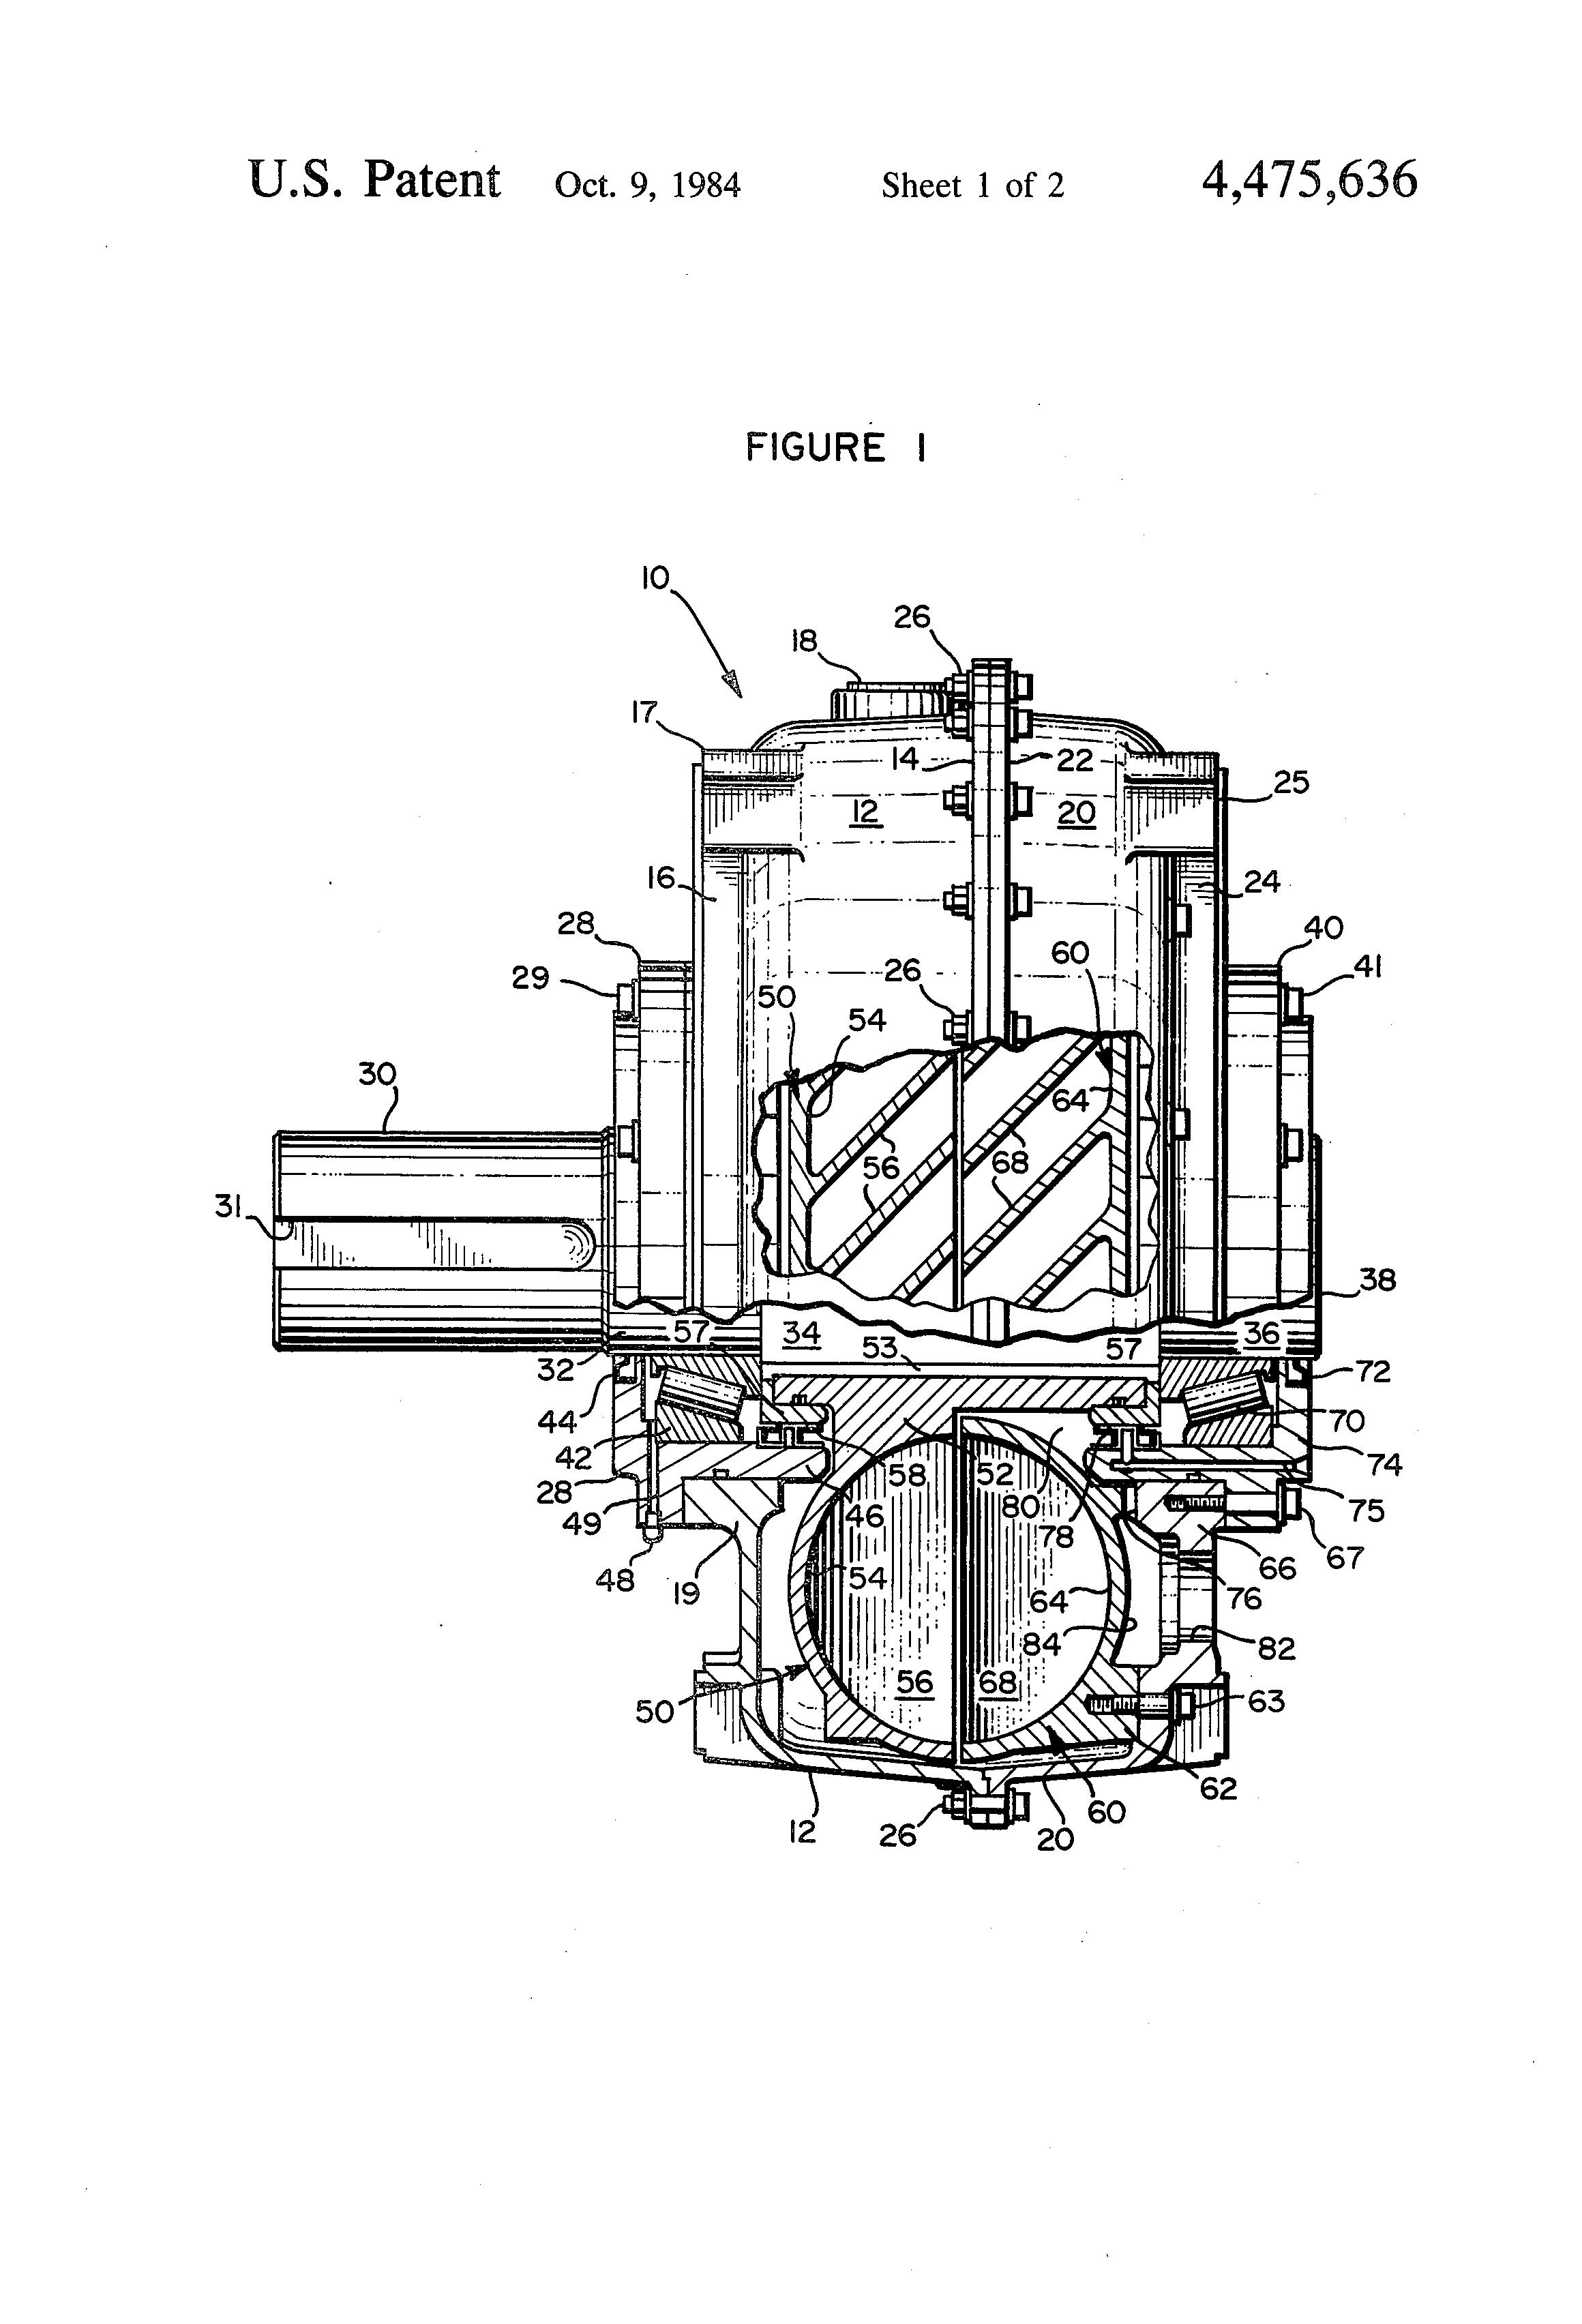 gas water heater diagram water brake diagram patent us4475636 - water brake - google patents